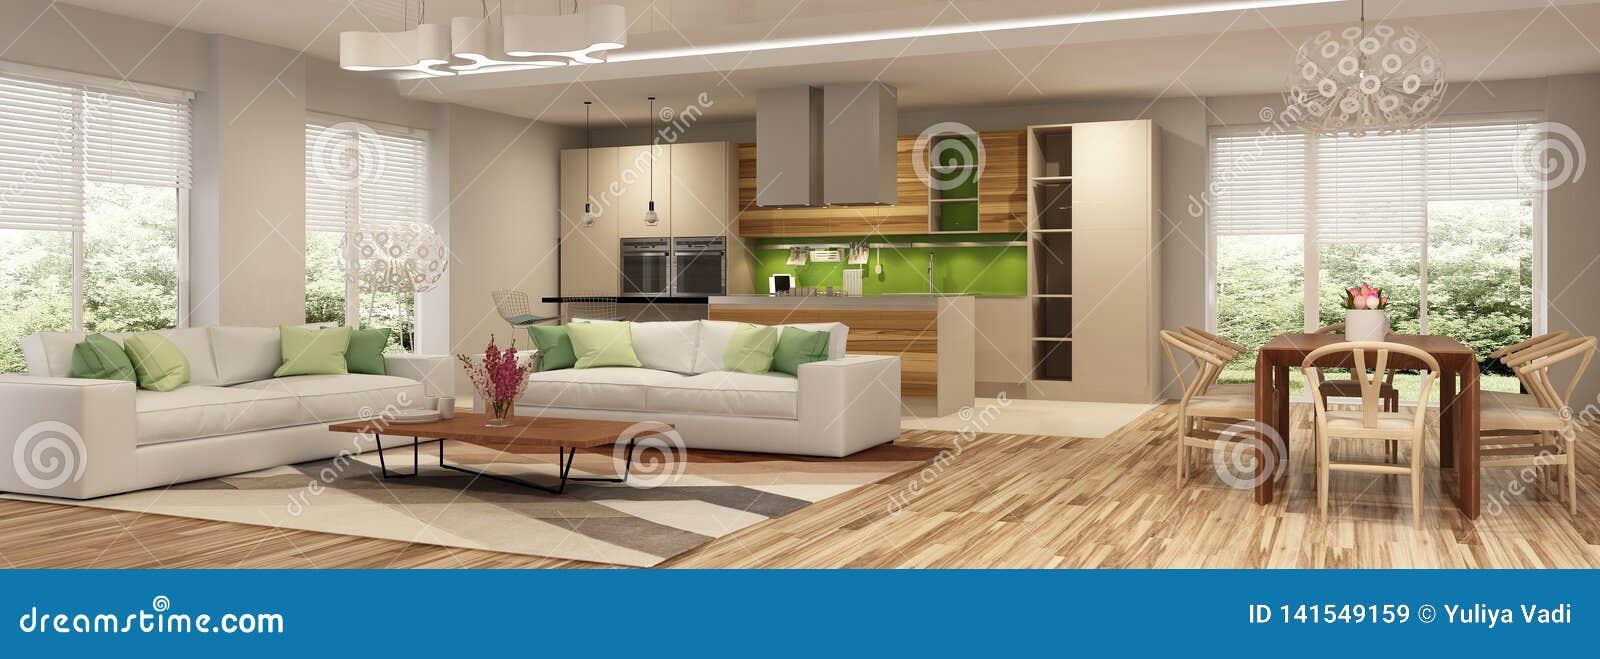 Σύγχρονο εσωτερικό σπιτιών του καθιστικού και μιας κουζίνας στα μπεζ και πράσινα χρώματα